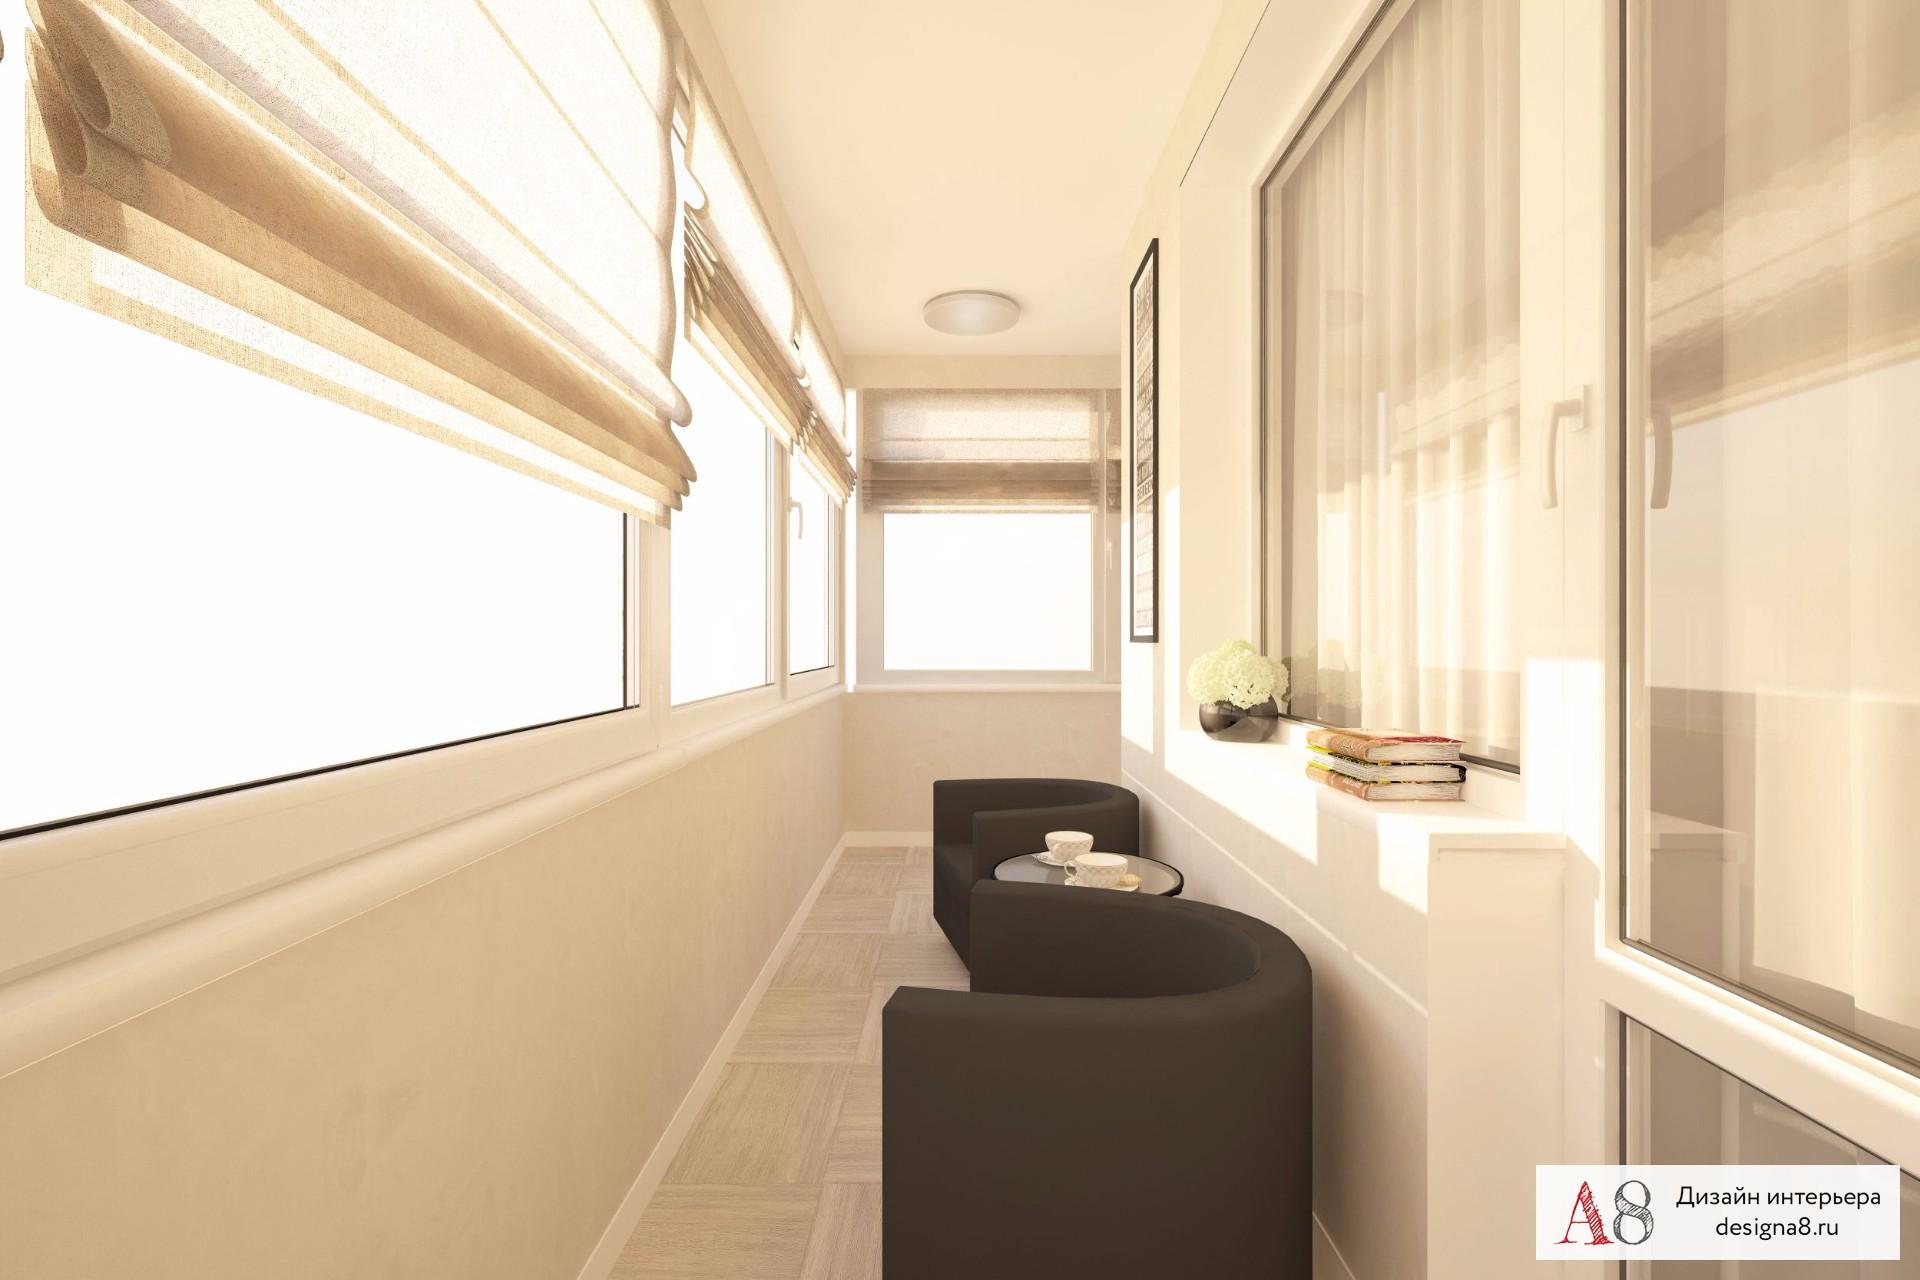 Интерьер квартиры 70 (семьдесят) кв. м в санкт-петербурге фо.